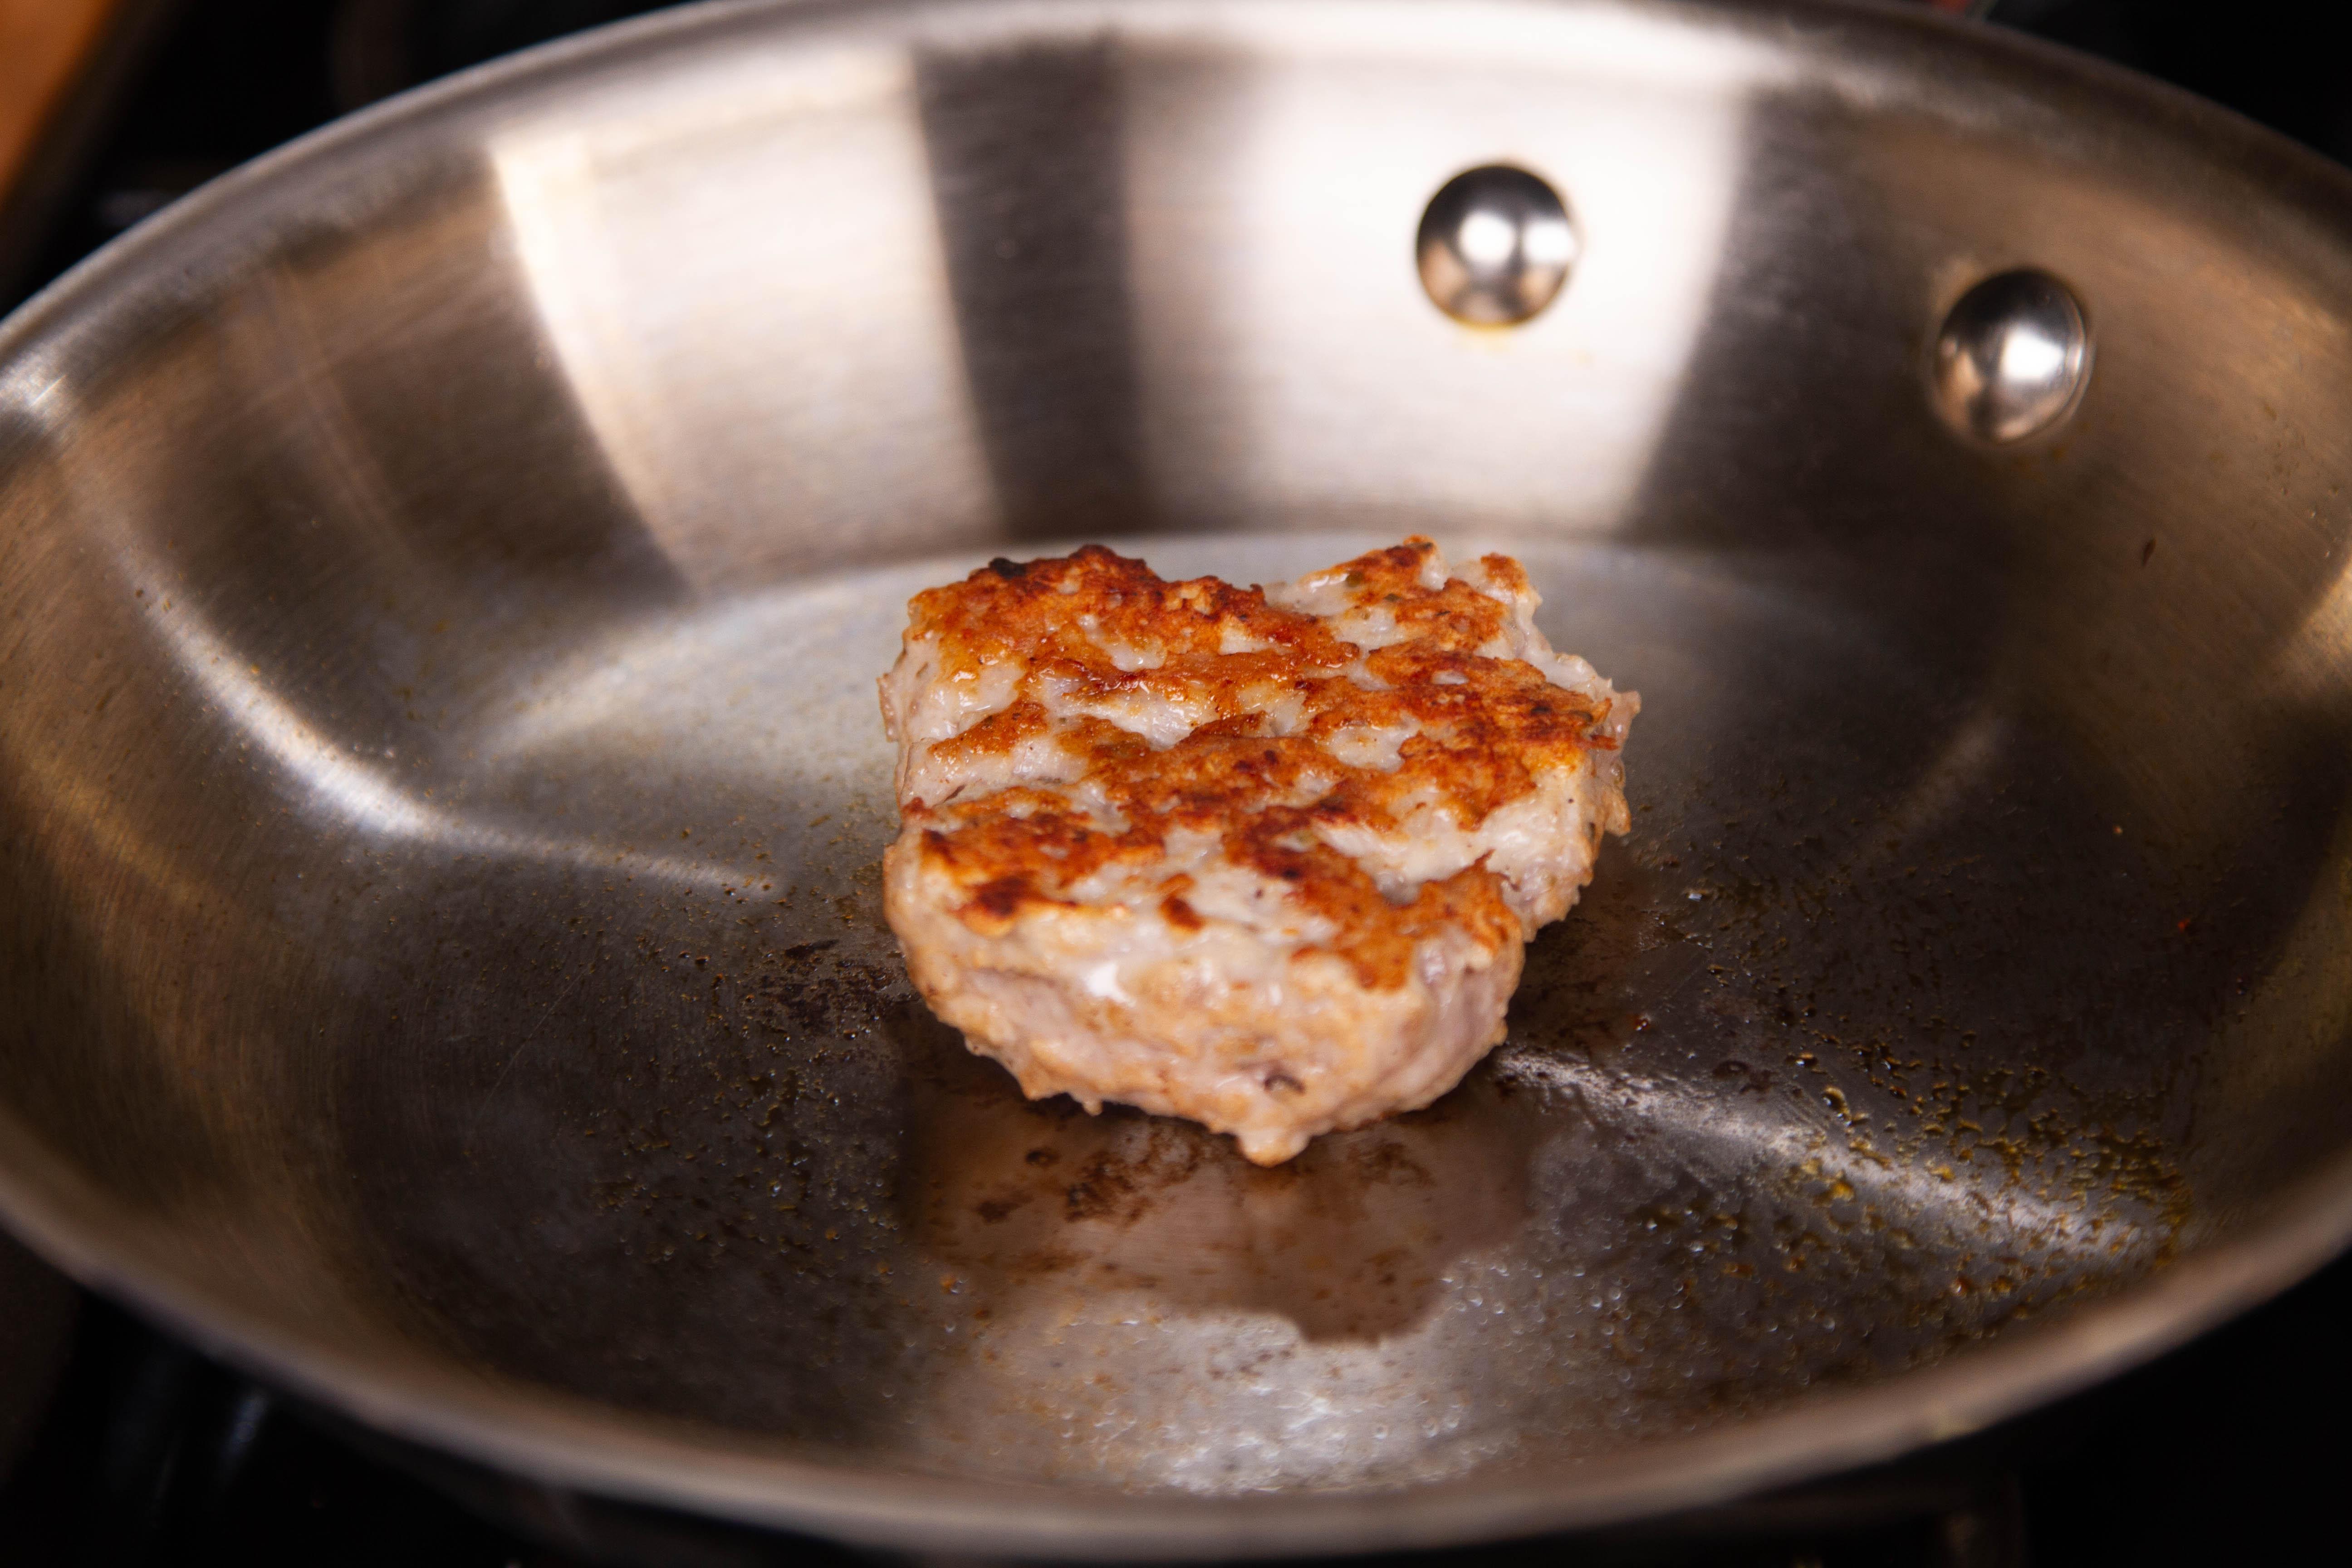 Test your homemade brat filling for seasoning